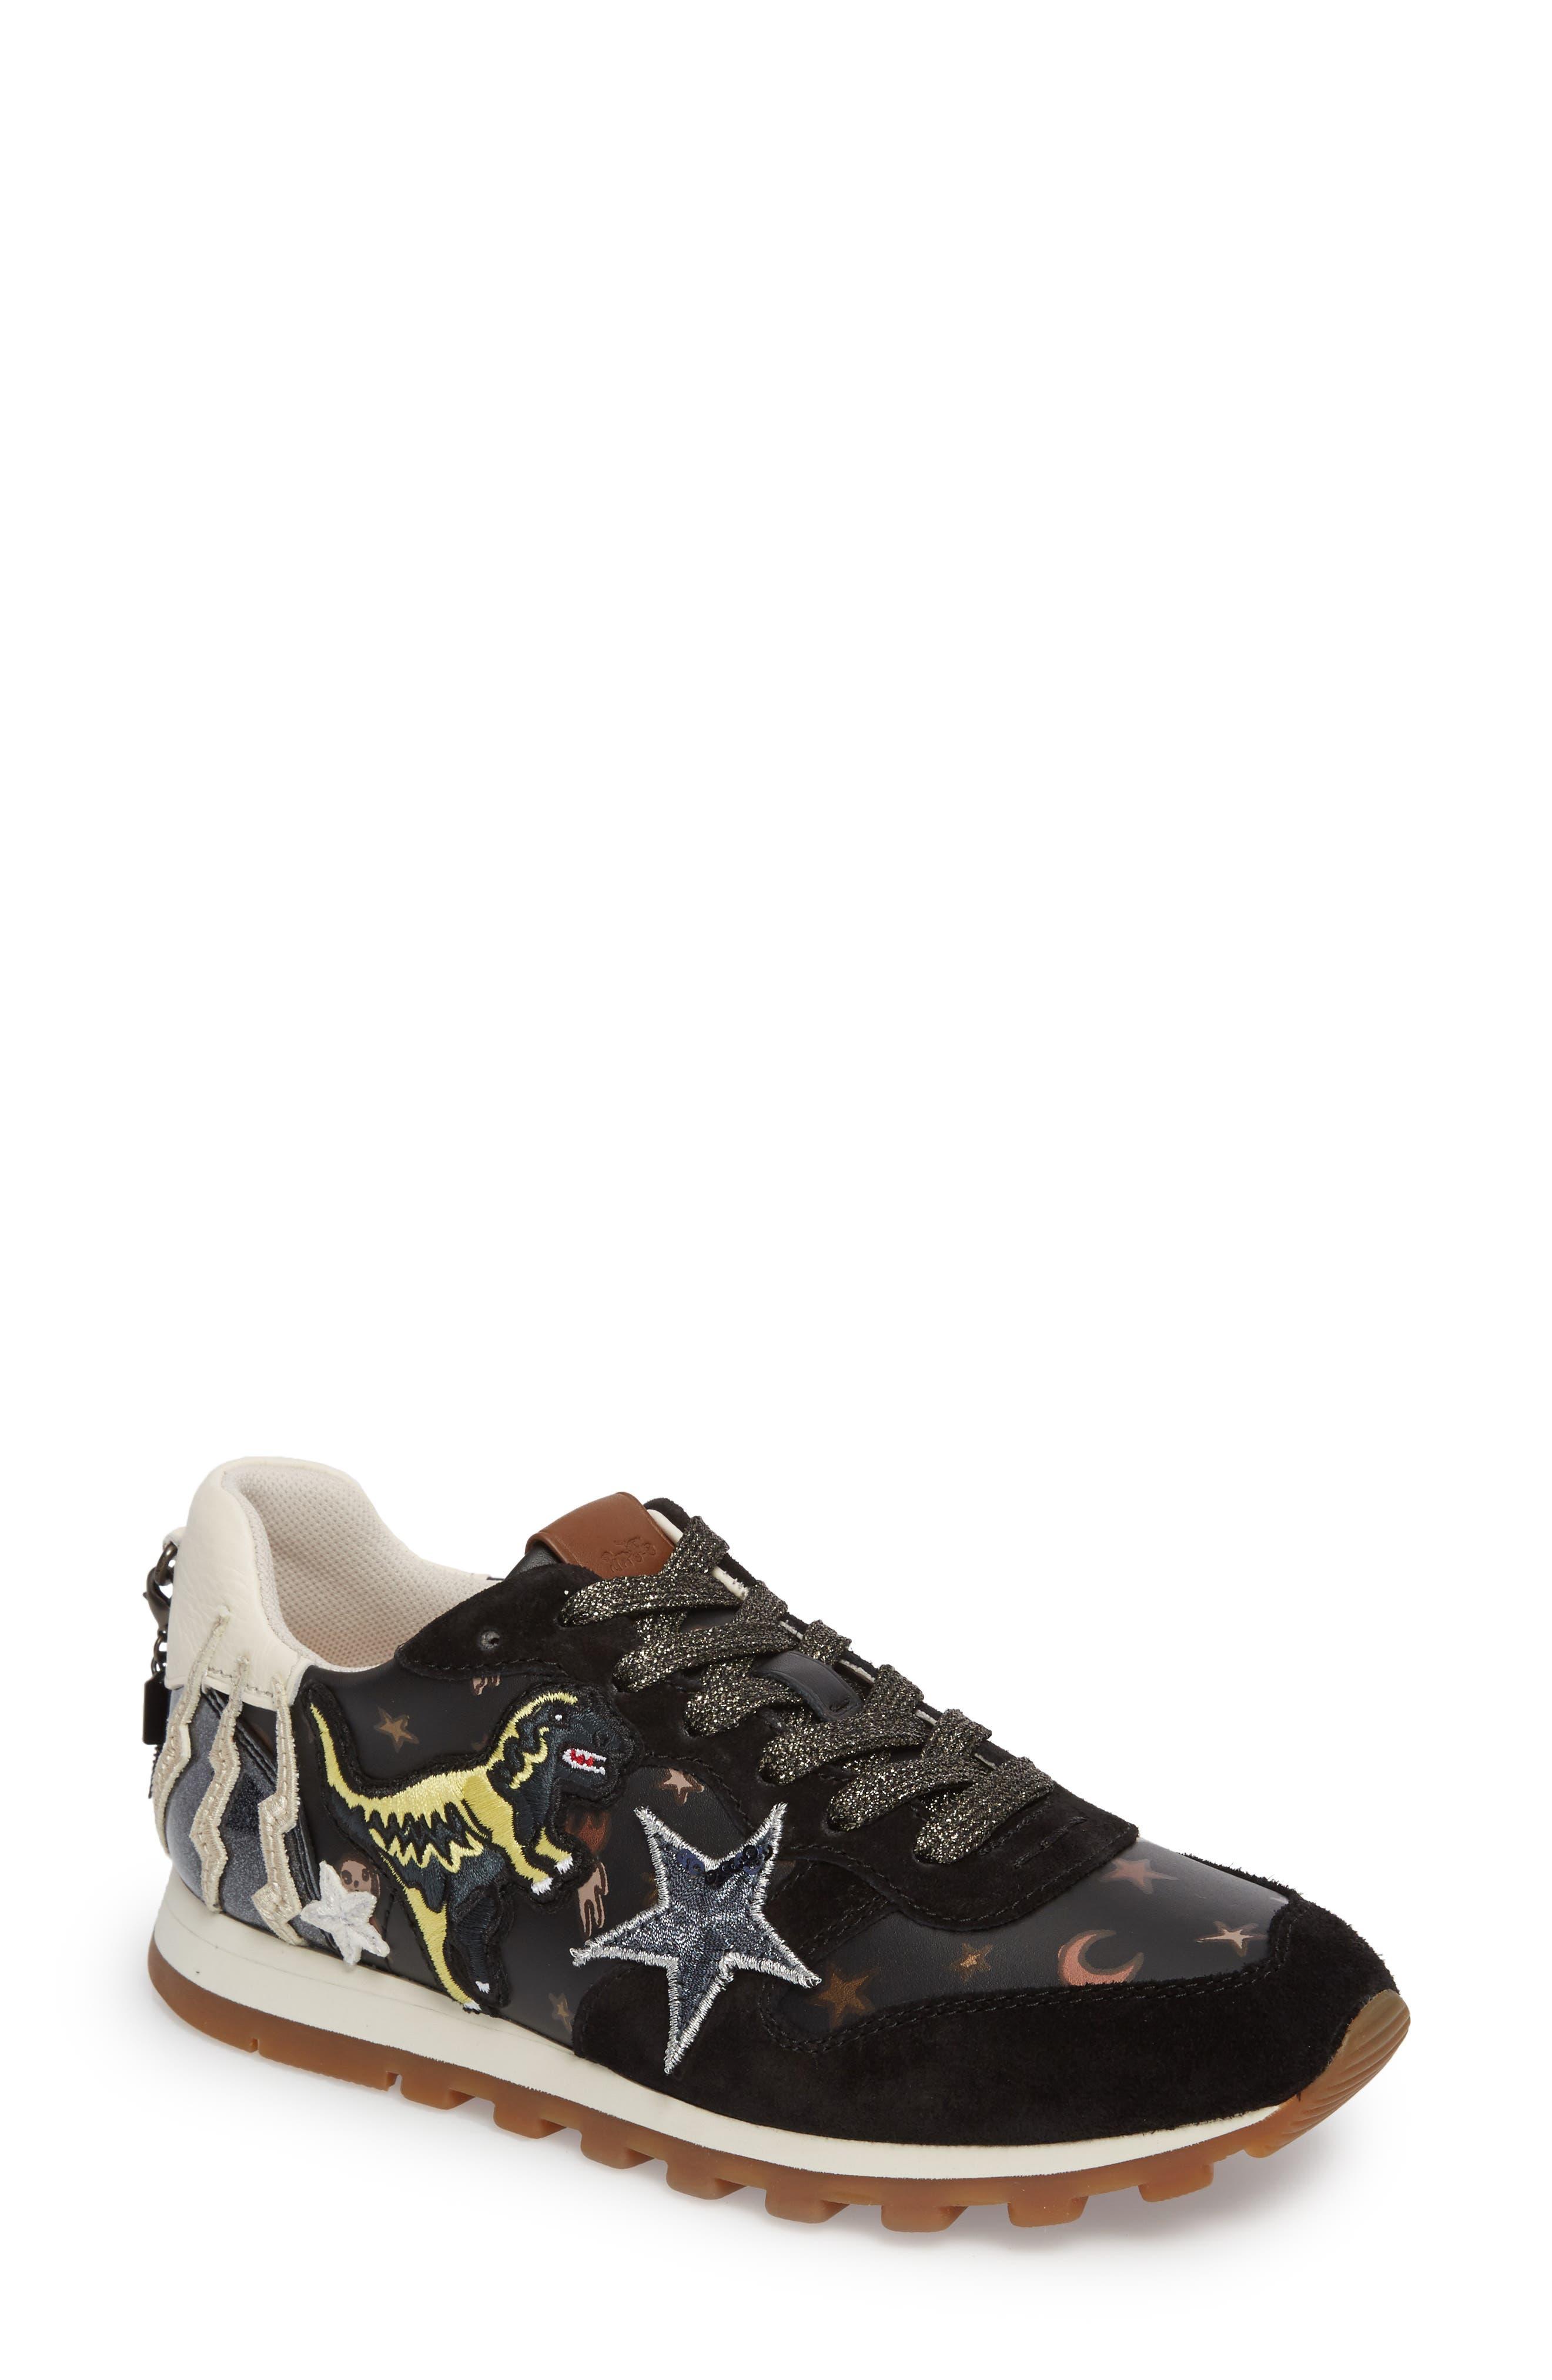 Main Image - COACH Rex Patch Sneaker (Women)